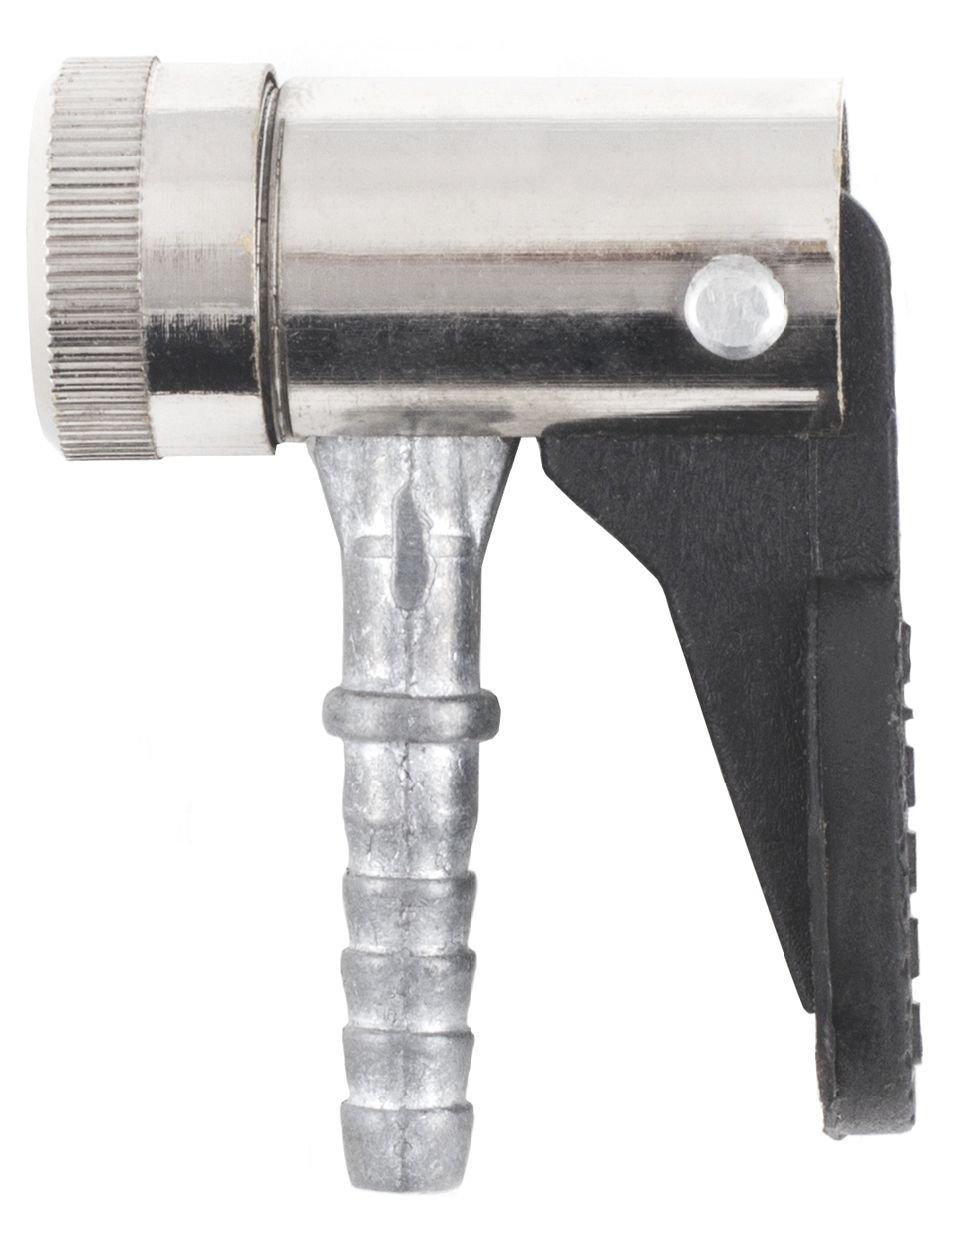 pumpenzubehör/Pumpen: MPieper  Kfz.- Hebelstecker Kfz.- Hebelstecker Metall